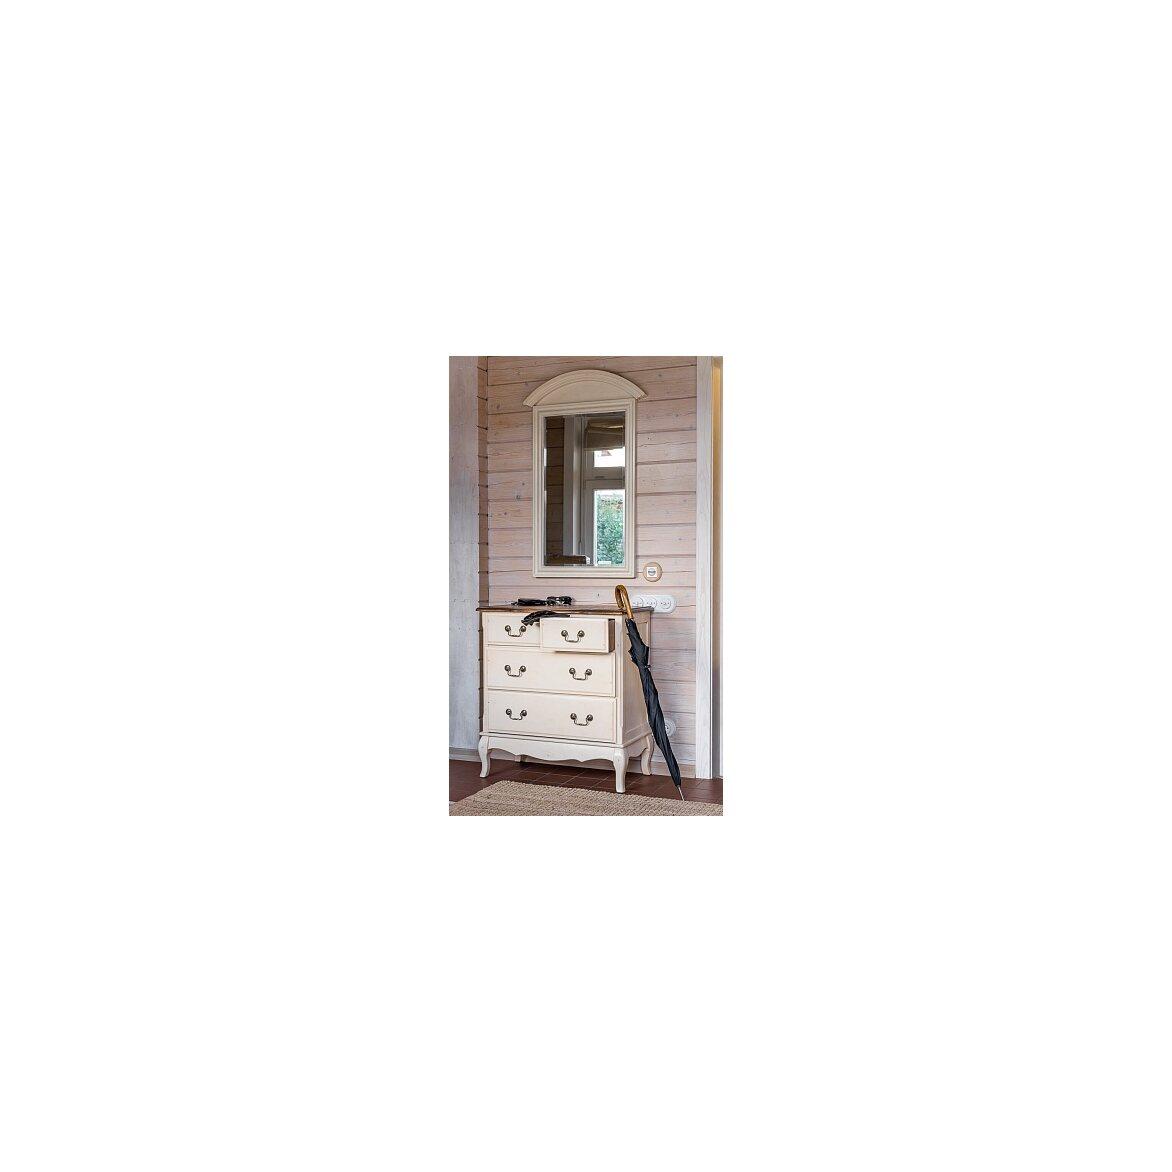 Прямоугольное зеркало настенное Leontina, бежевого цвета 3   Настенные зеркала Kingsby